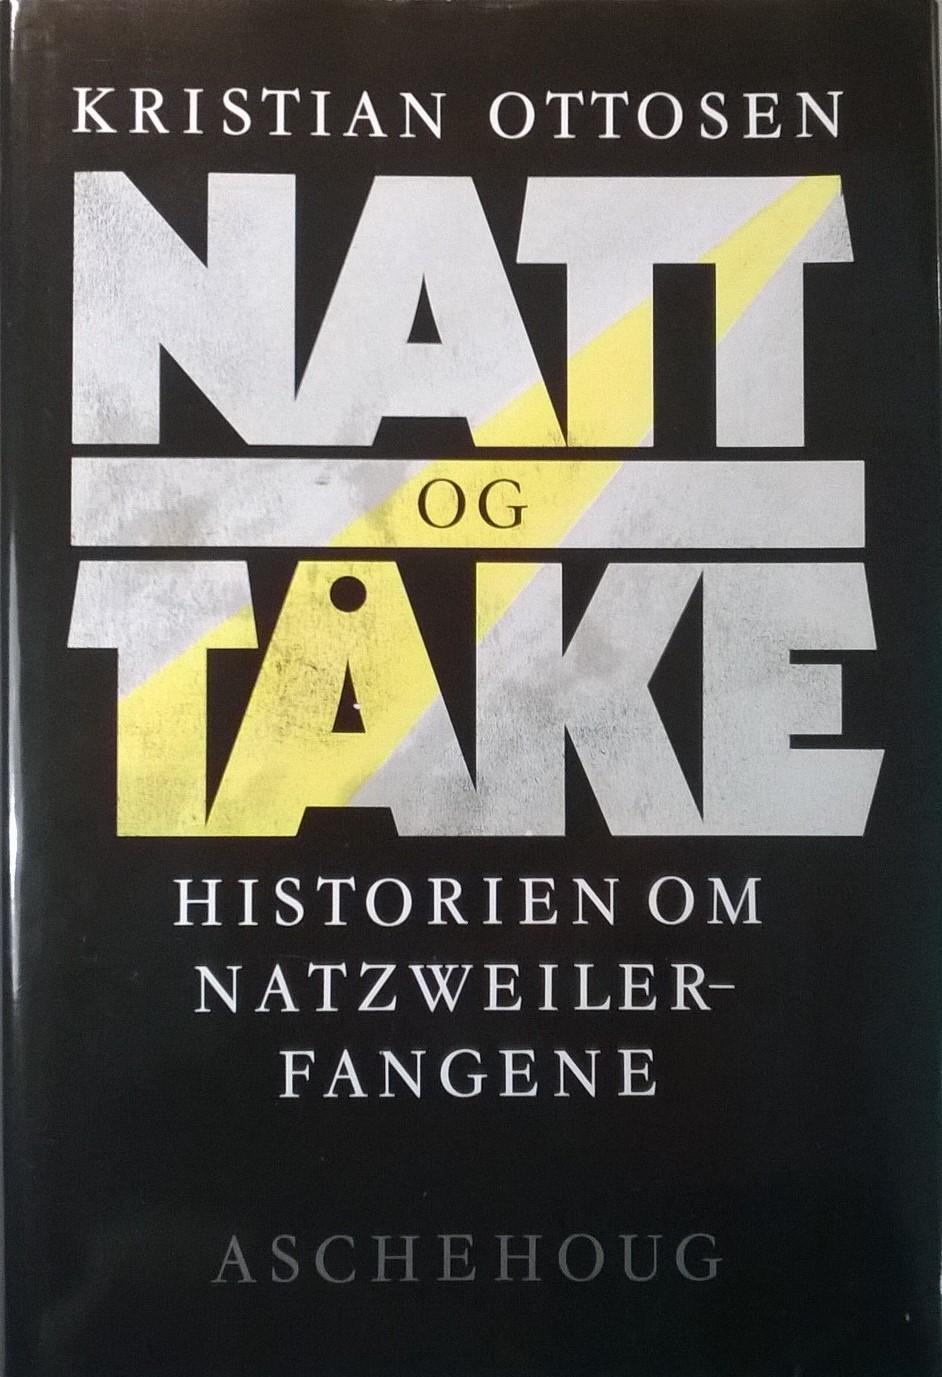 Ottosen, Kristian Natt og tåke: Historien om Natzweiler-fangene